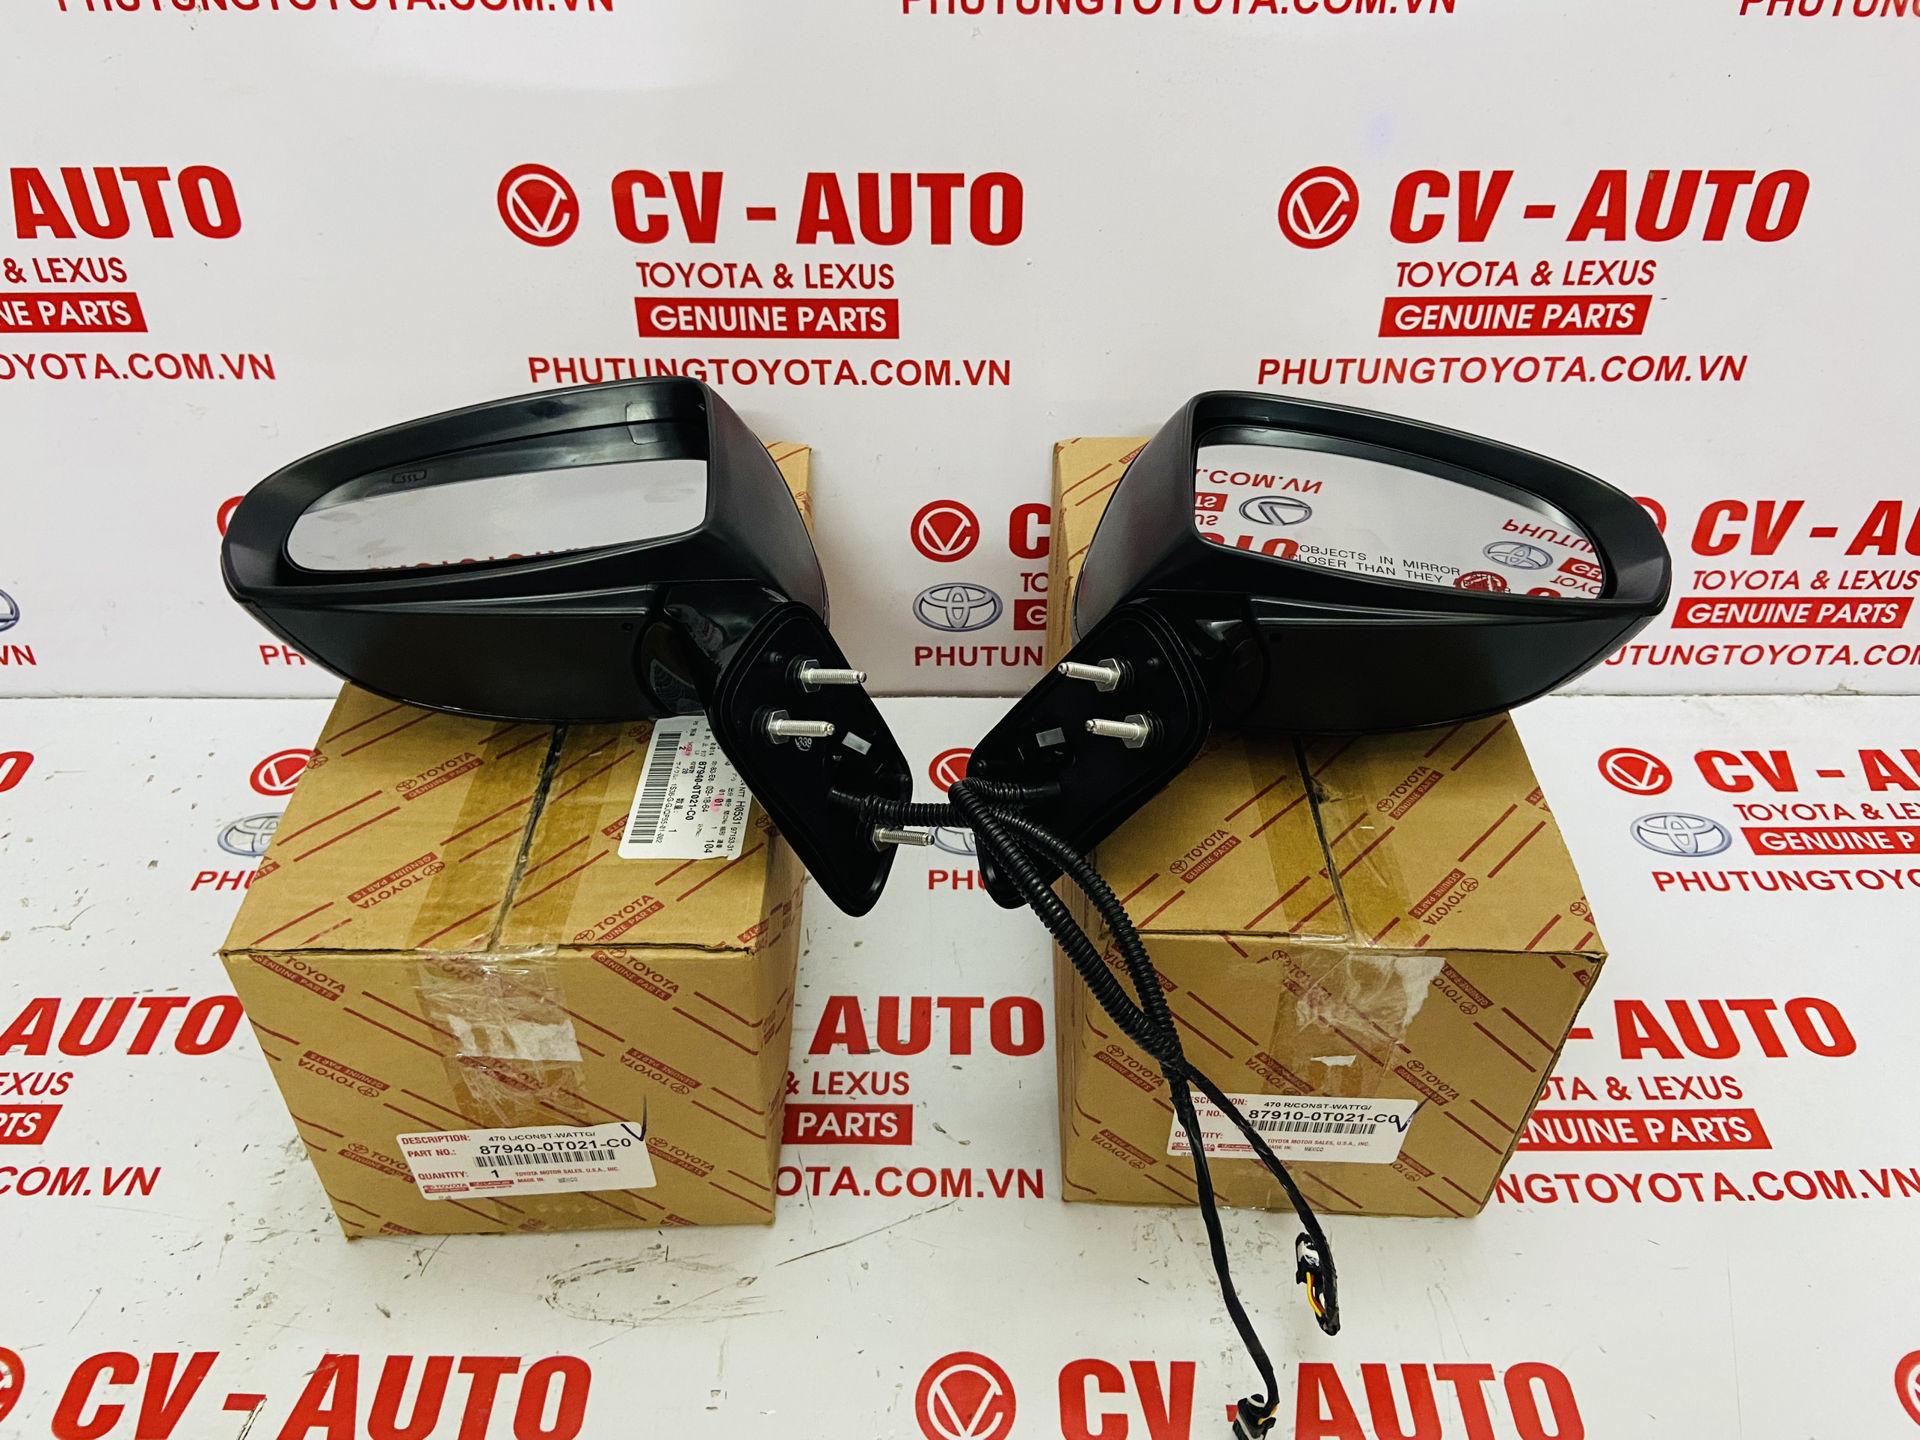 Picture of 87940-0T021-C0, 87910-0T021-C0, 879400T021C0, 879100T021C0 Gương chiếu hậu Toyota Venza chính hãng